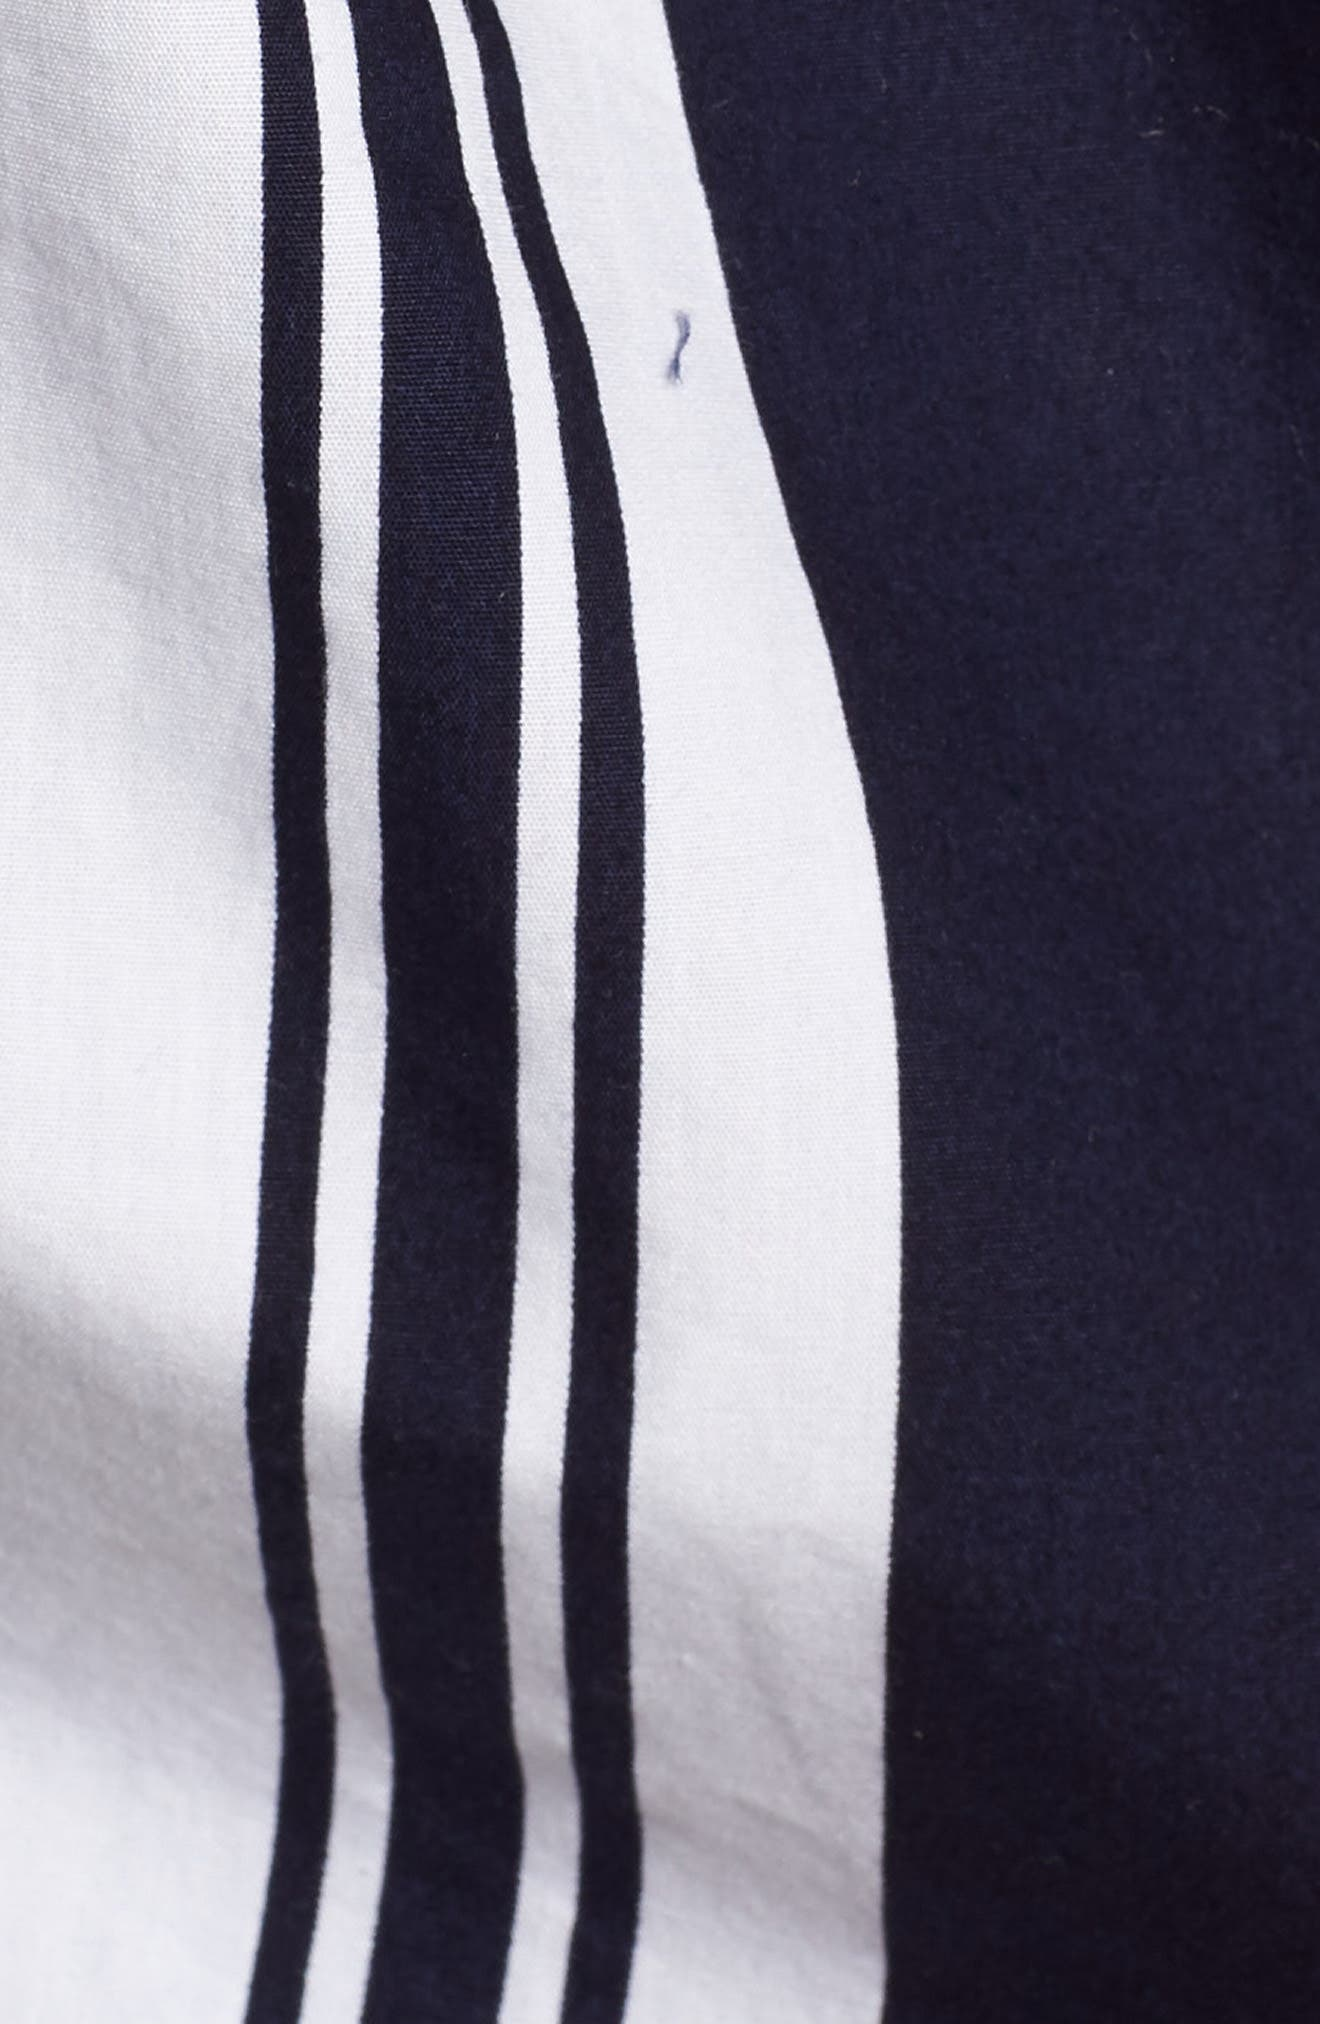 Stripe Poplin Halter Top,                             Alternate thumbnail 6, color,                             401